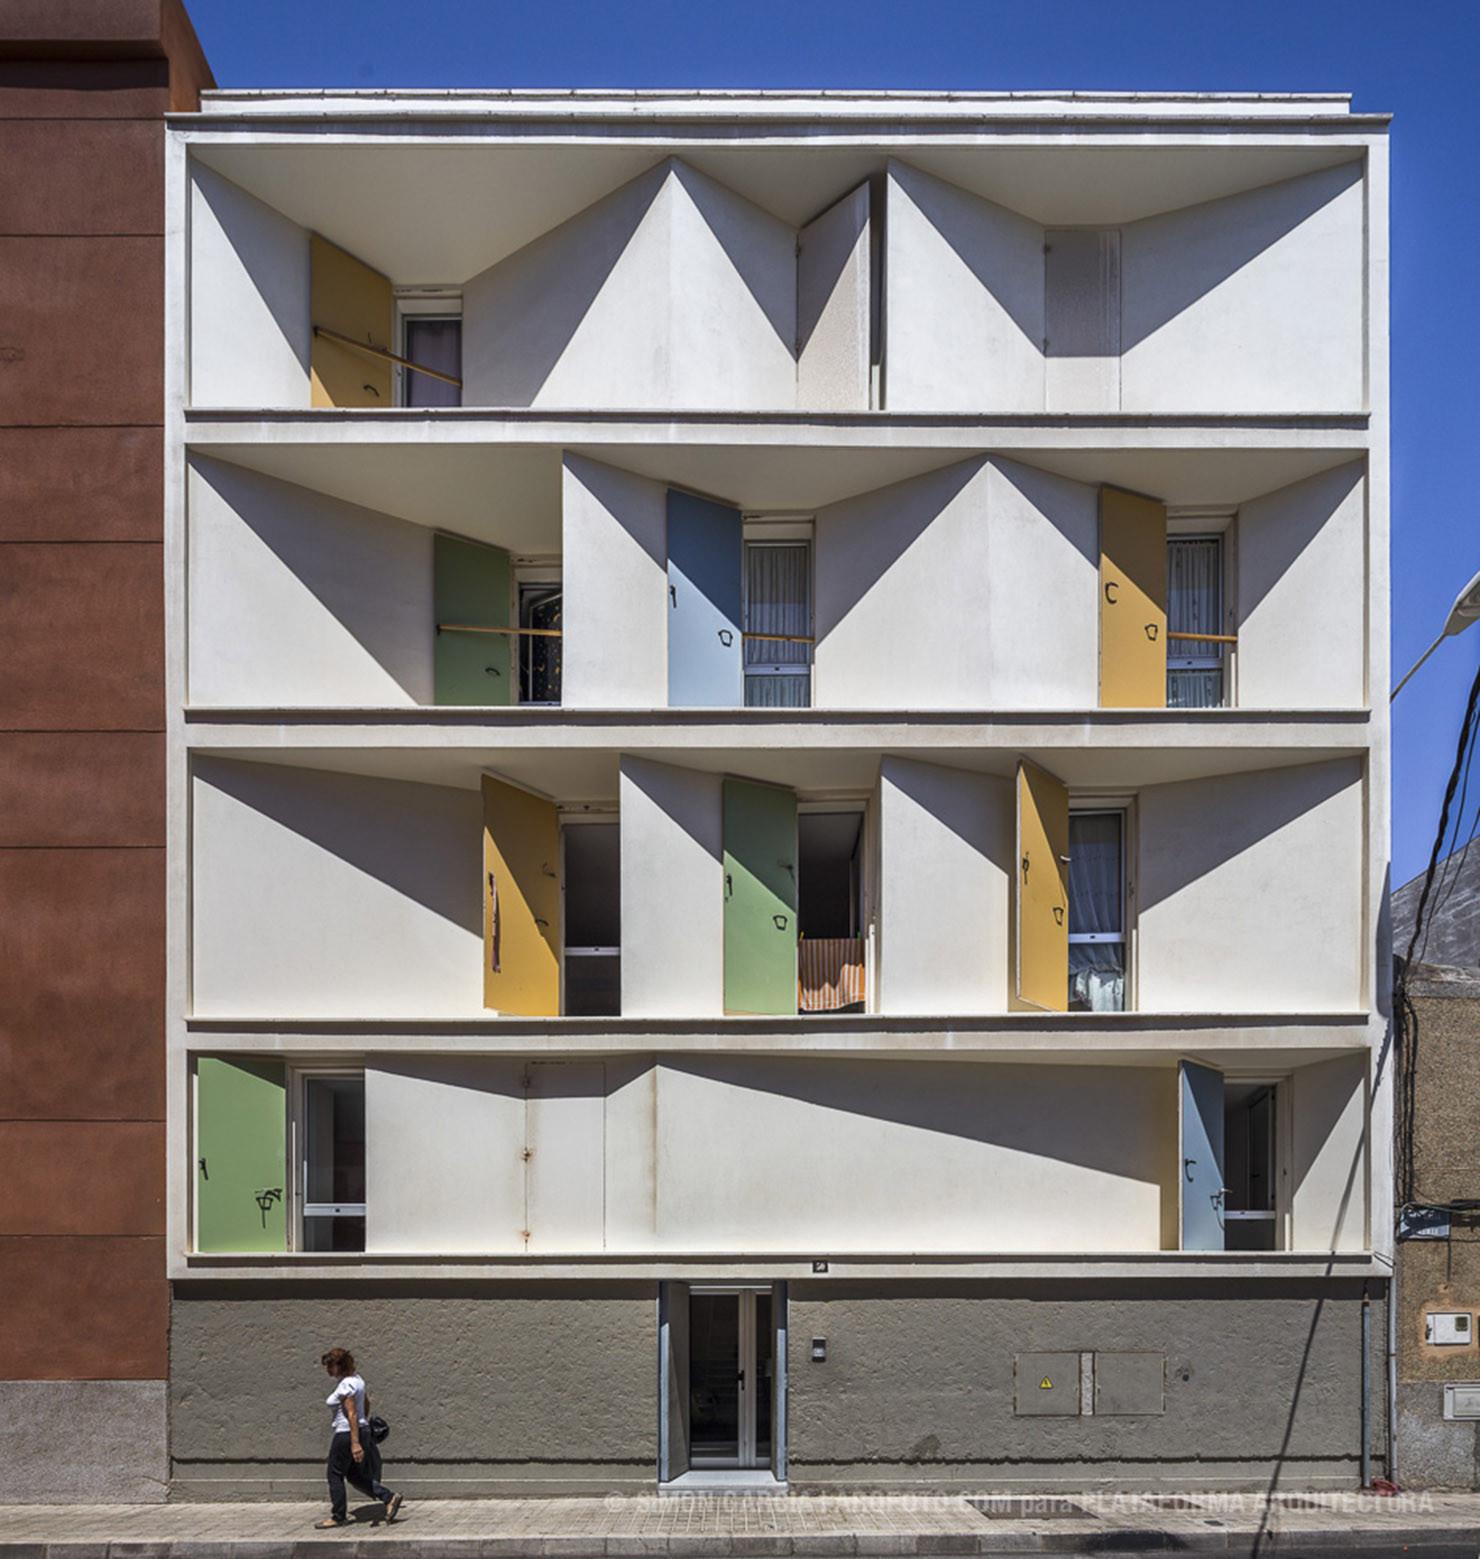 8 Casas Inscritas e 3 Pátios / Romera y Ruiz Arquitectos, © Simón García